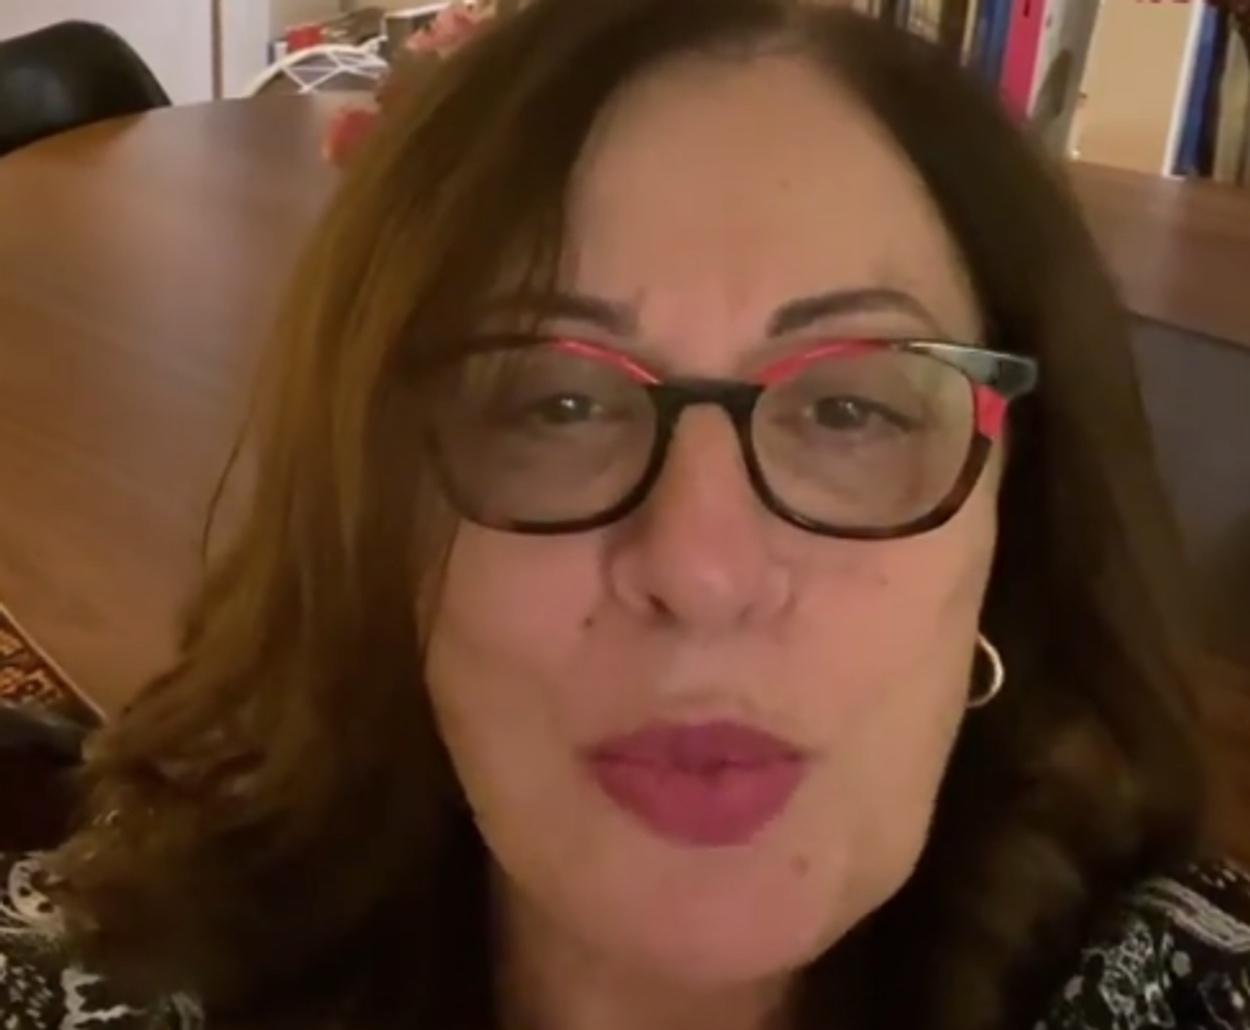 Χαρούλα Αλεξίου: Έκλεισε τα 70 και οι ευχές της είναι ανεκτίμητες (video)